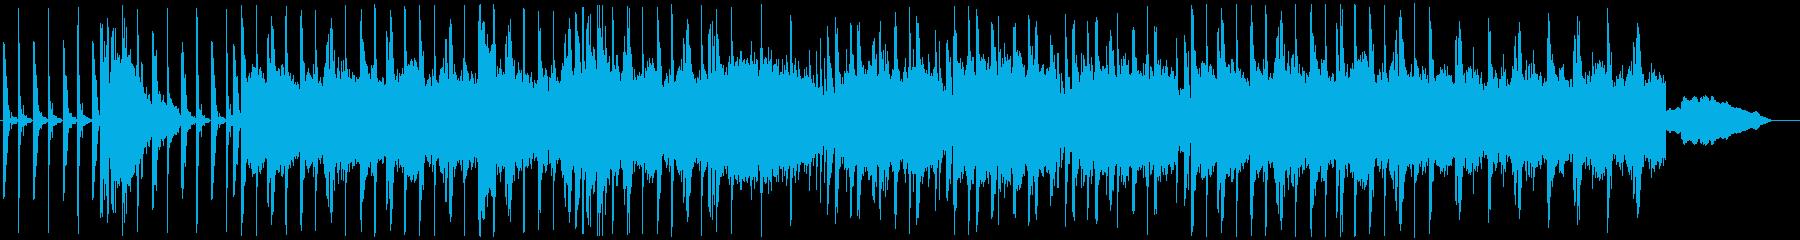 エレクトロヒップホップ研究所太字の...の再生済みの波形